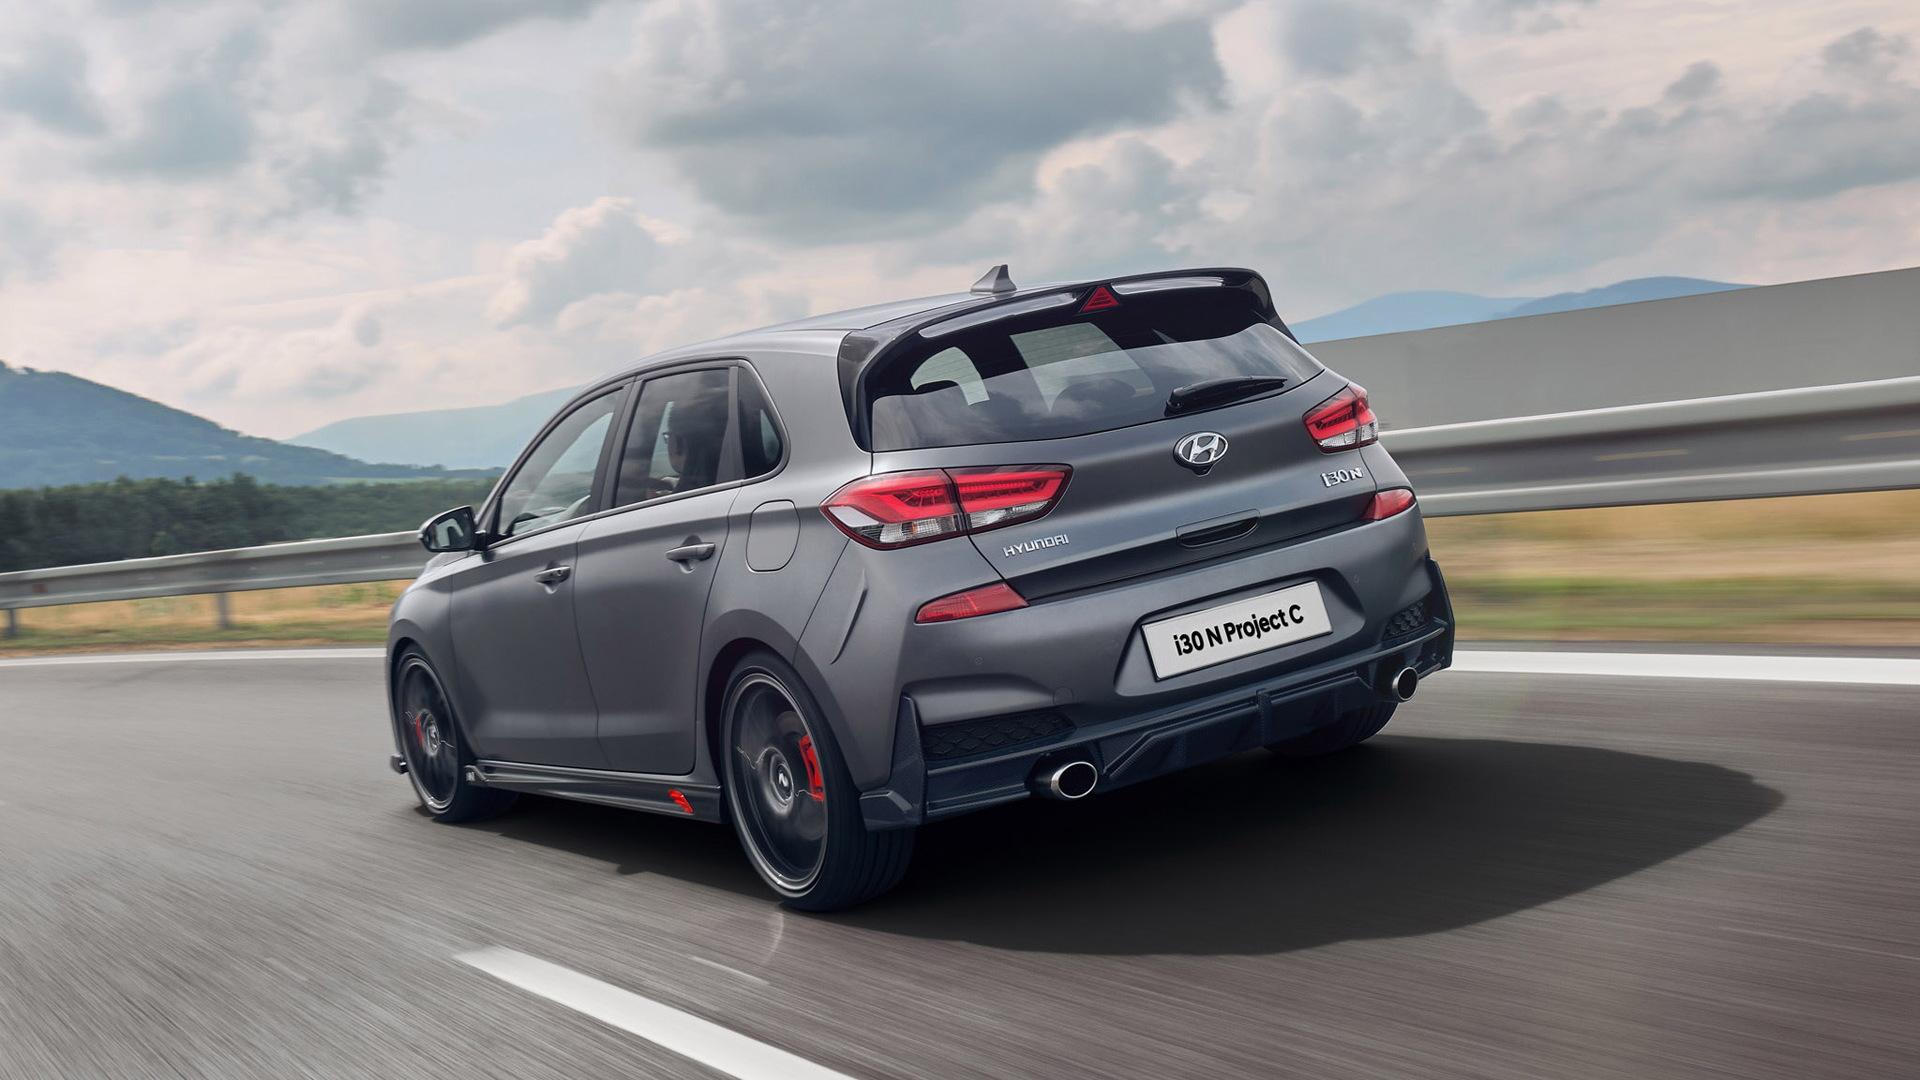 2020 Hyundai i30 N Project C